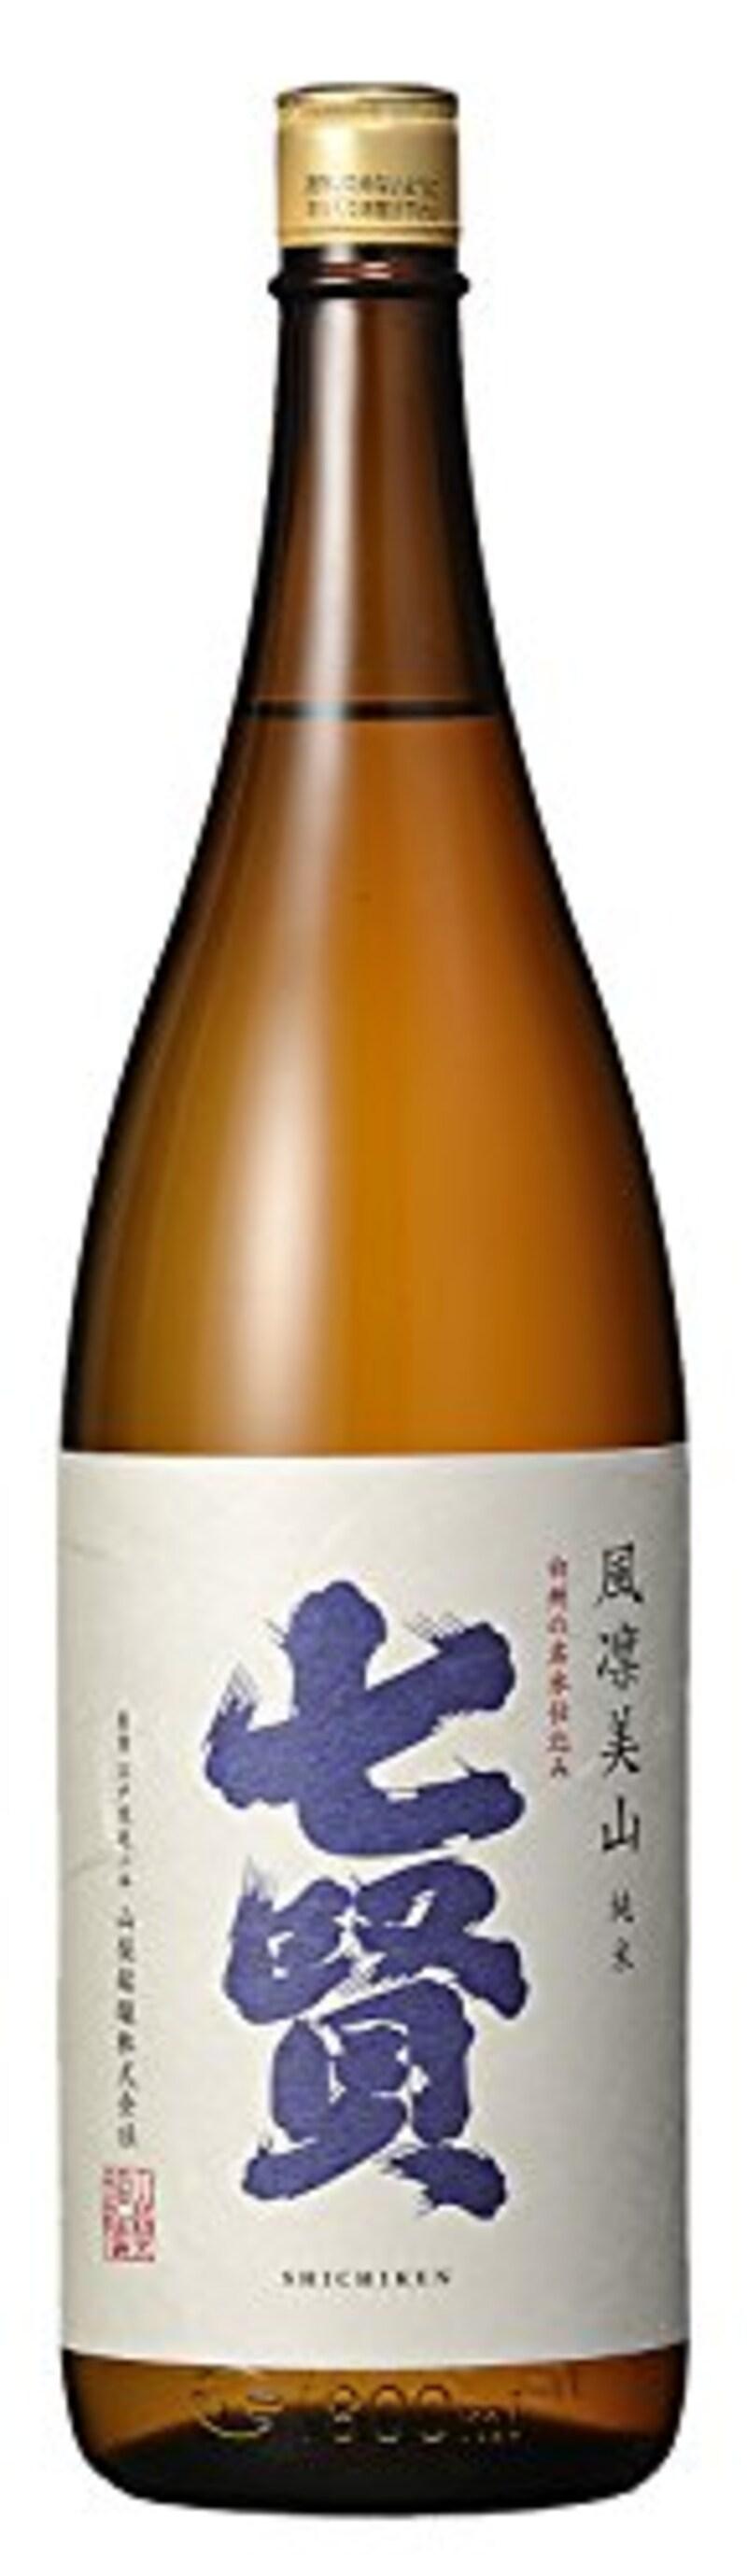 山梨銘醸,七賢純米酒風凜美山